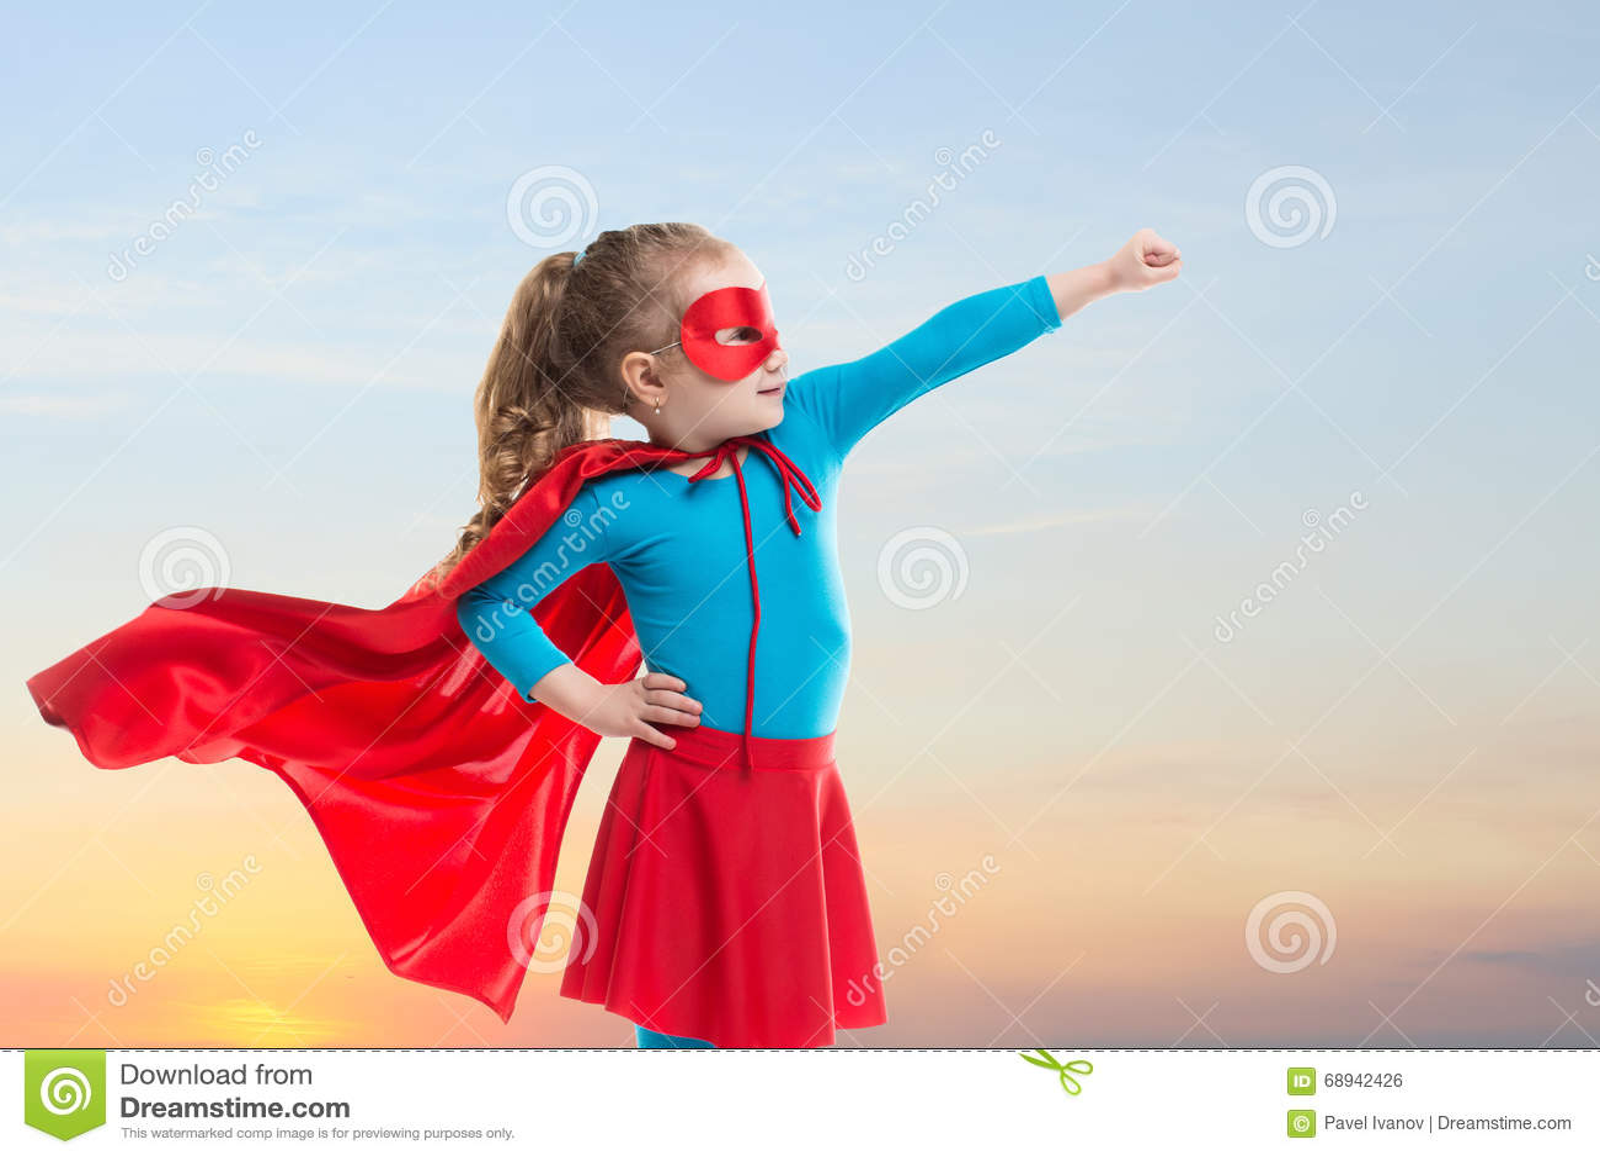 Девушка маленького ребенка играет супергероя Ребенок на предпосылке неба захода солнца